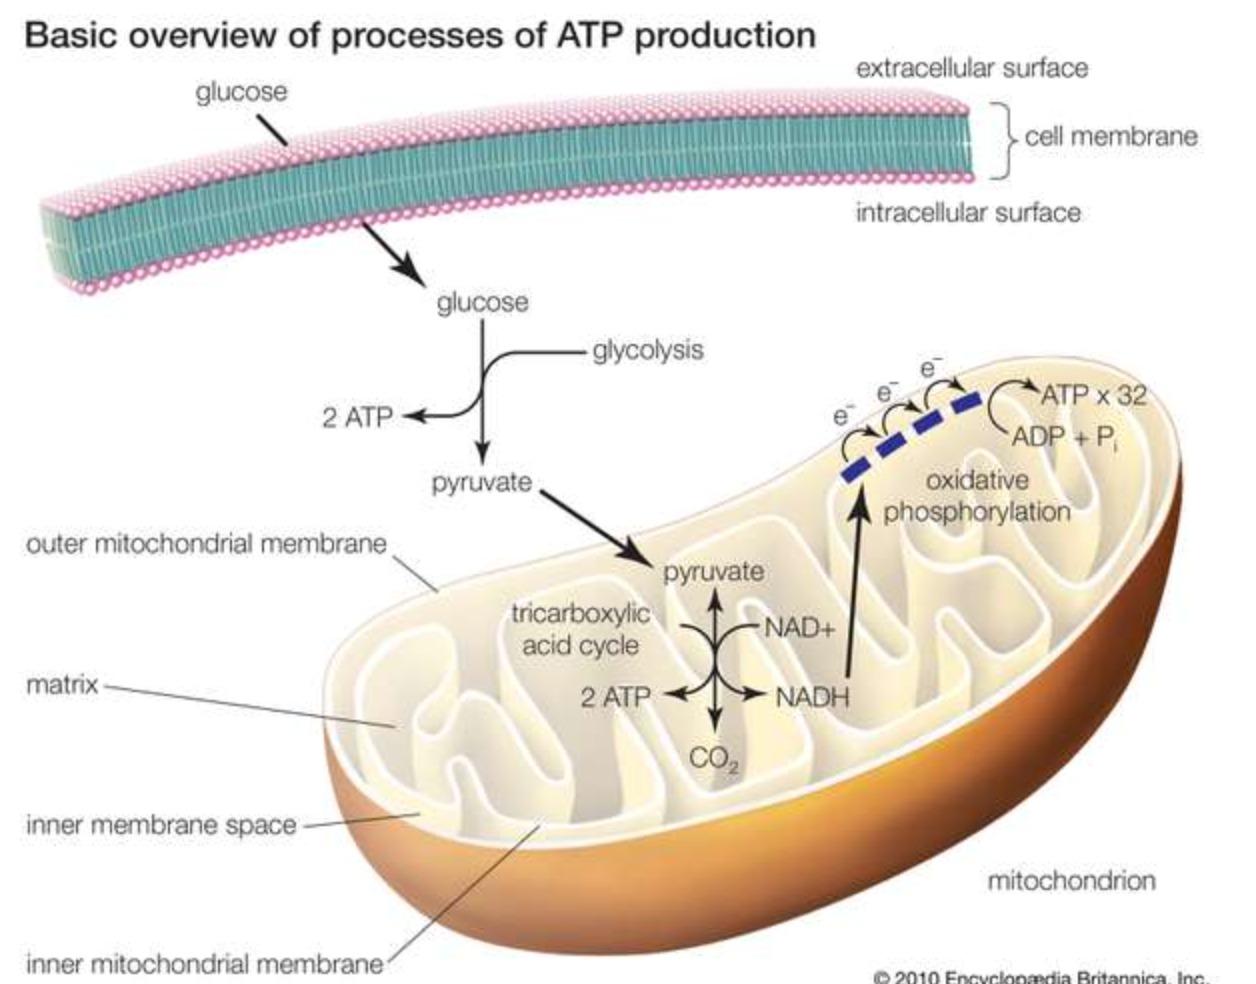 Клеточная митохондрия: содержимое и образование